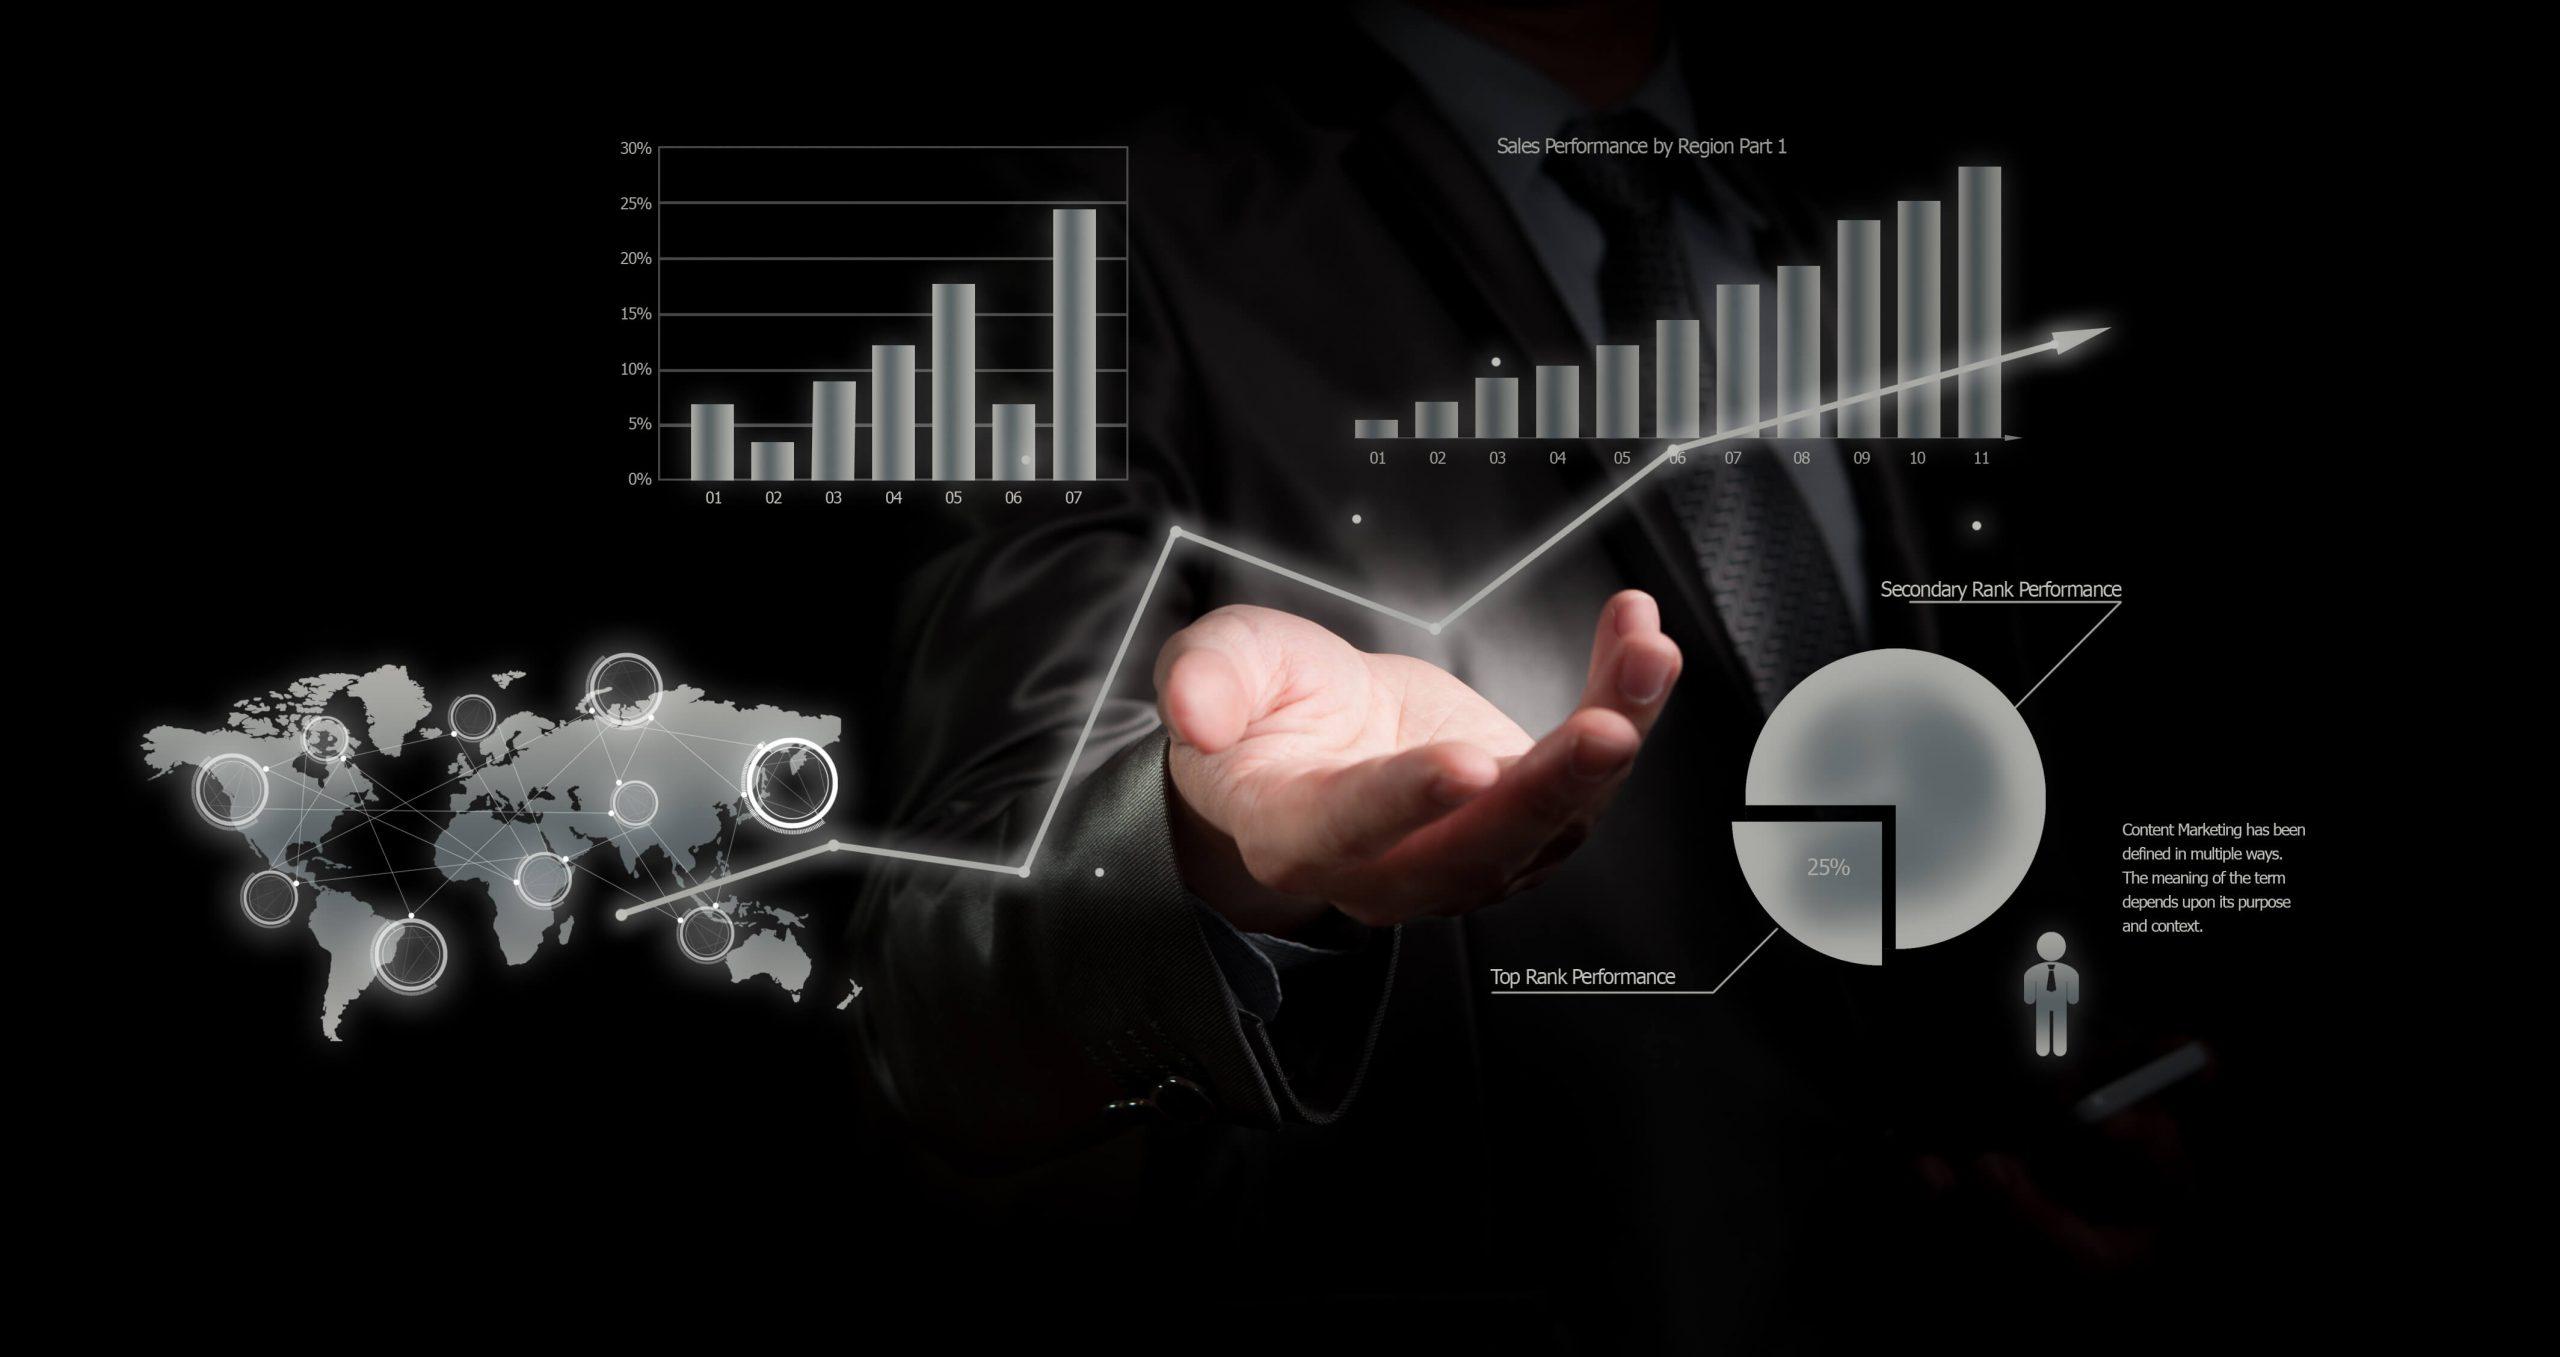 Visualize data when presenting